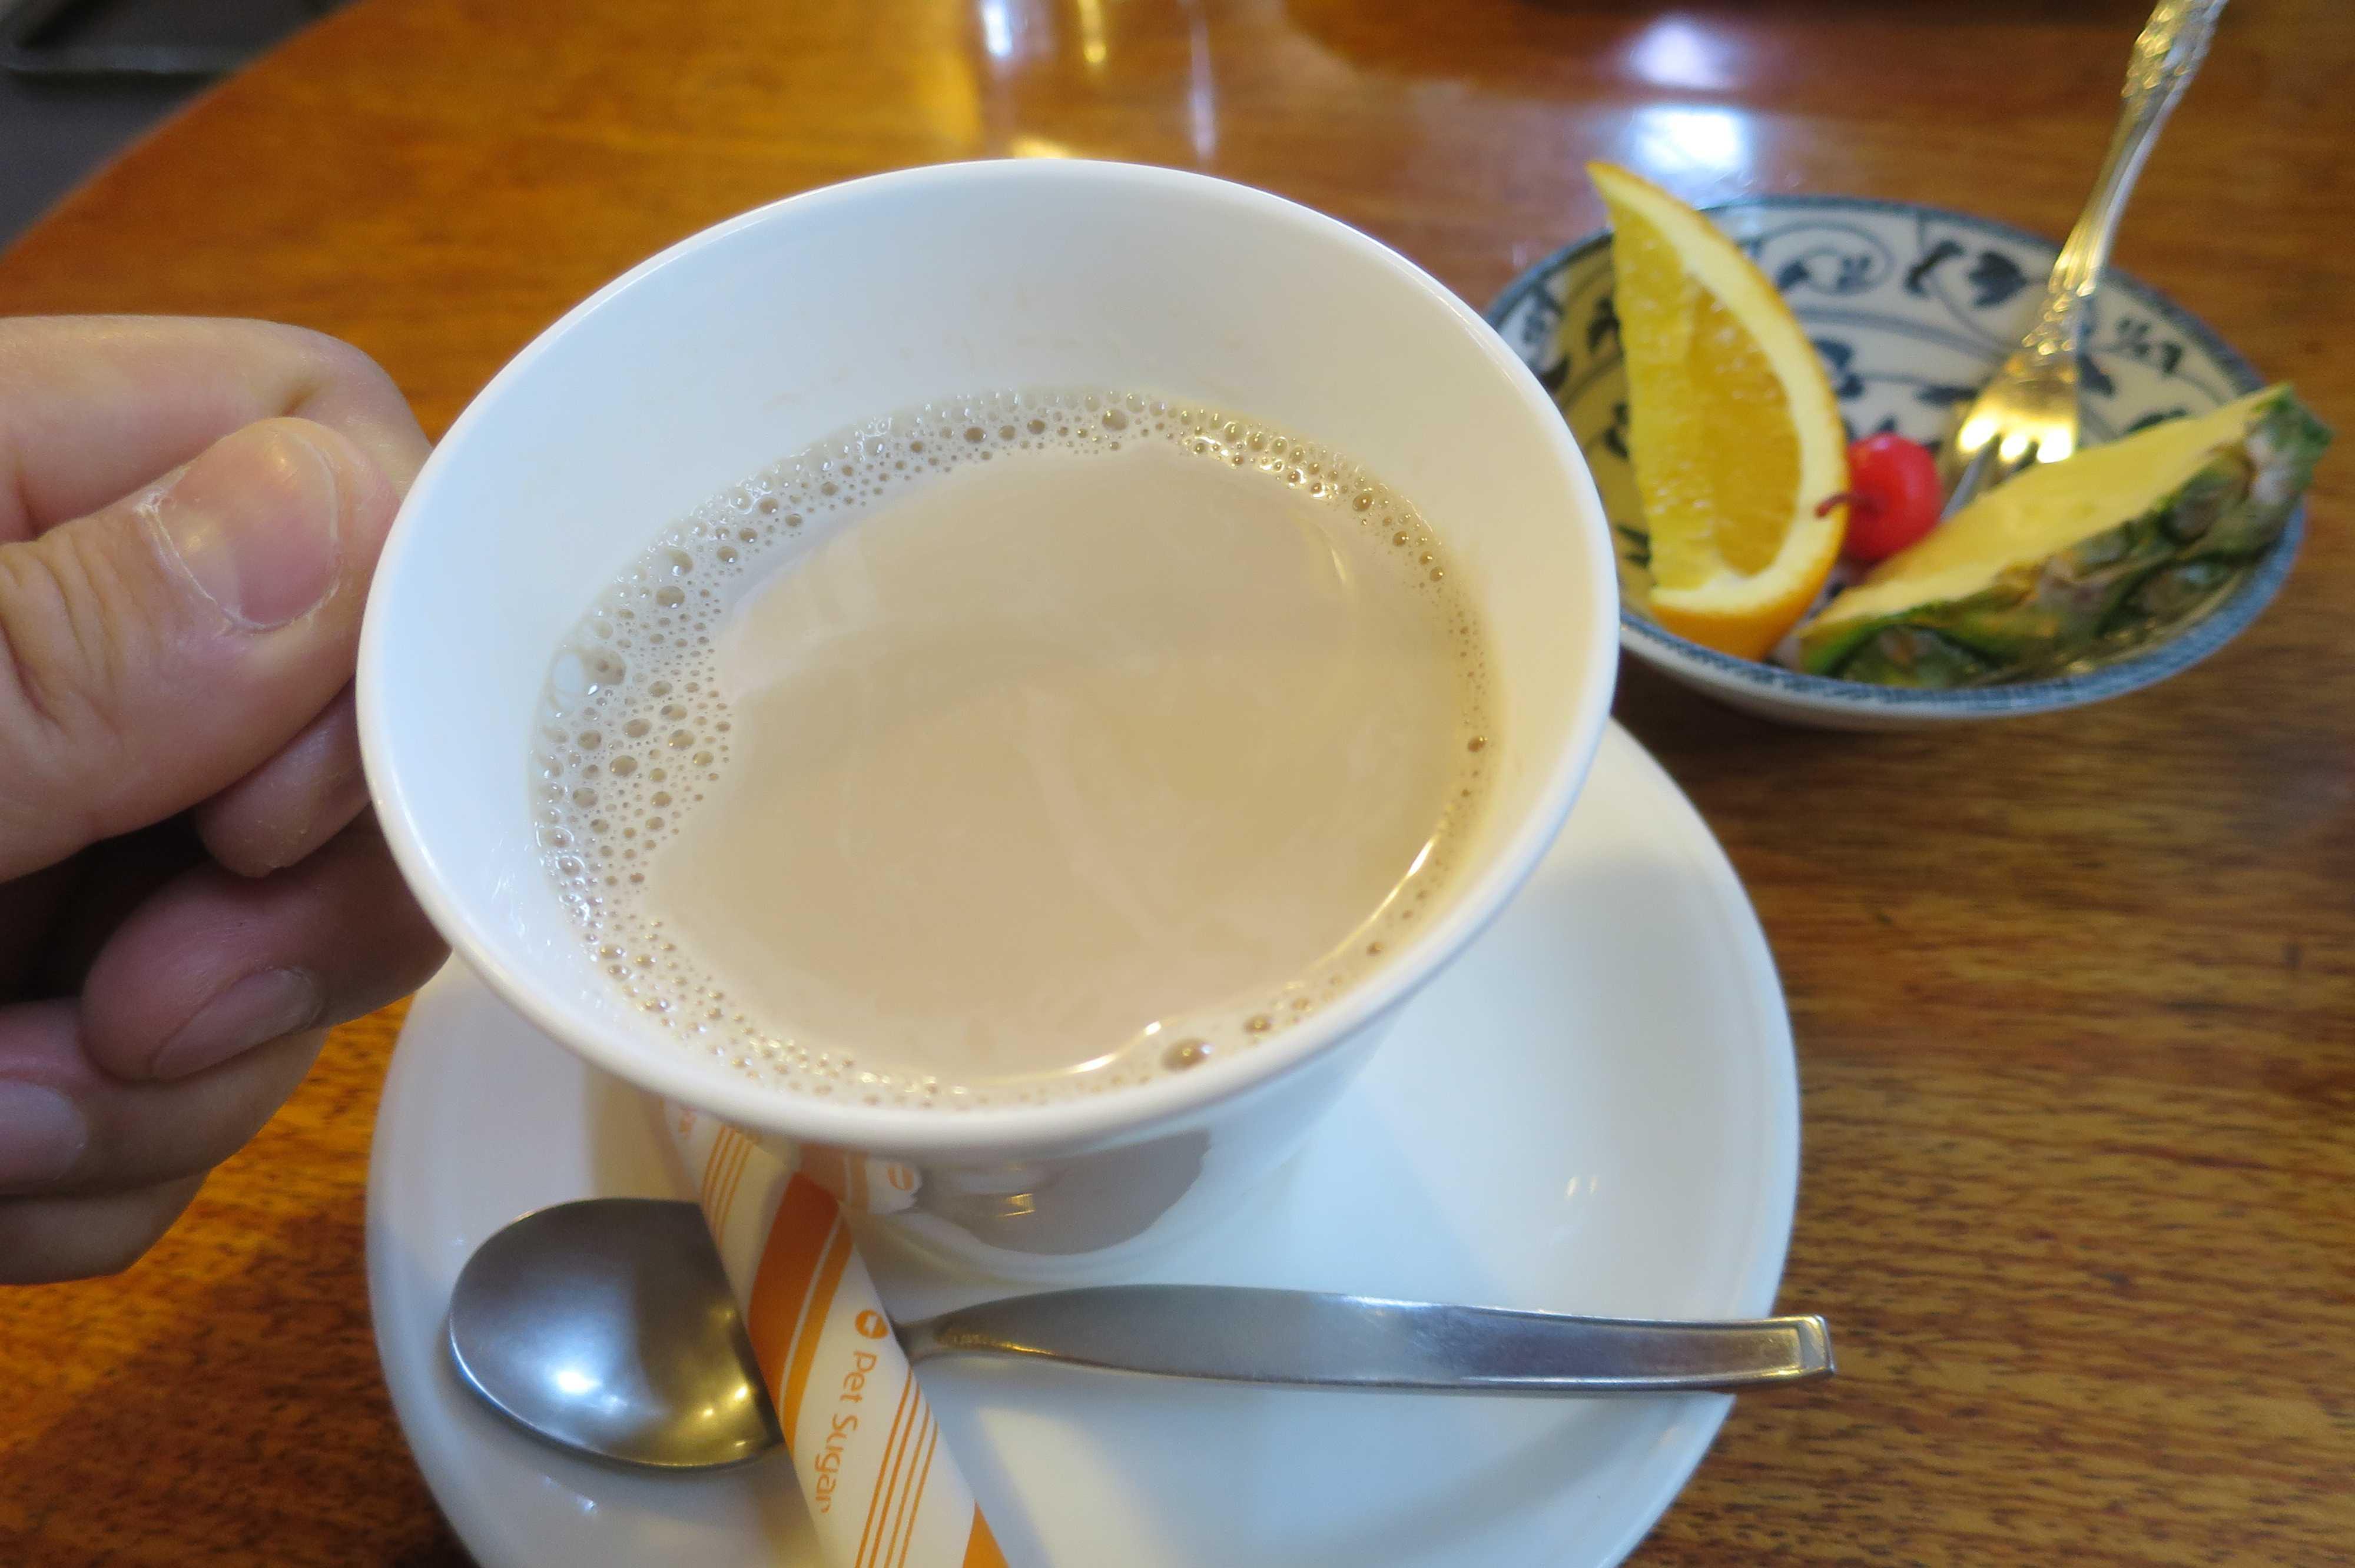 丸亀 -「Fuji」さんのモーニングミルクコーヒー